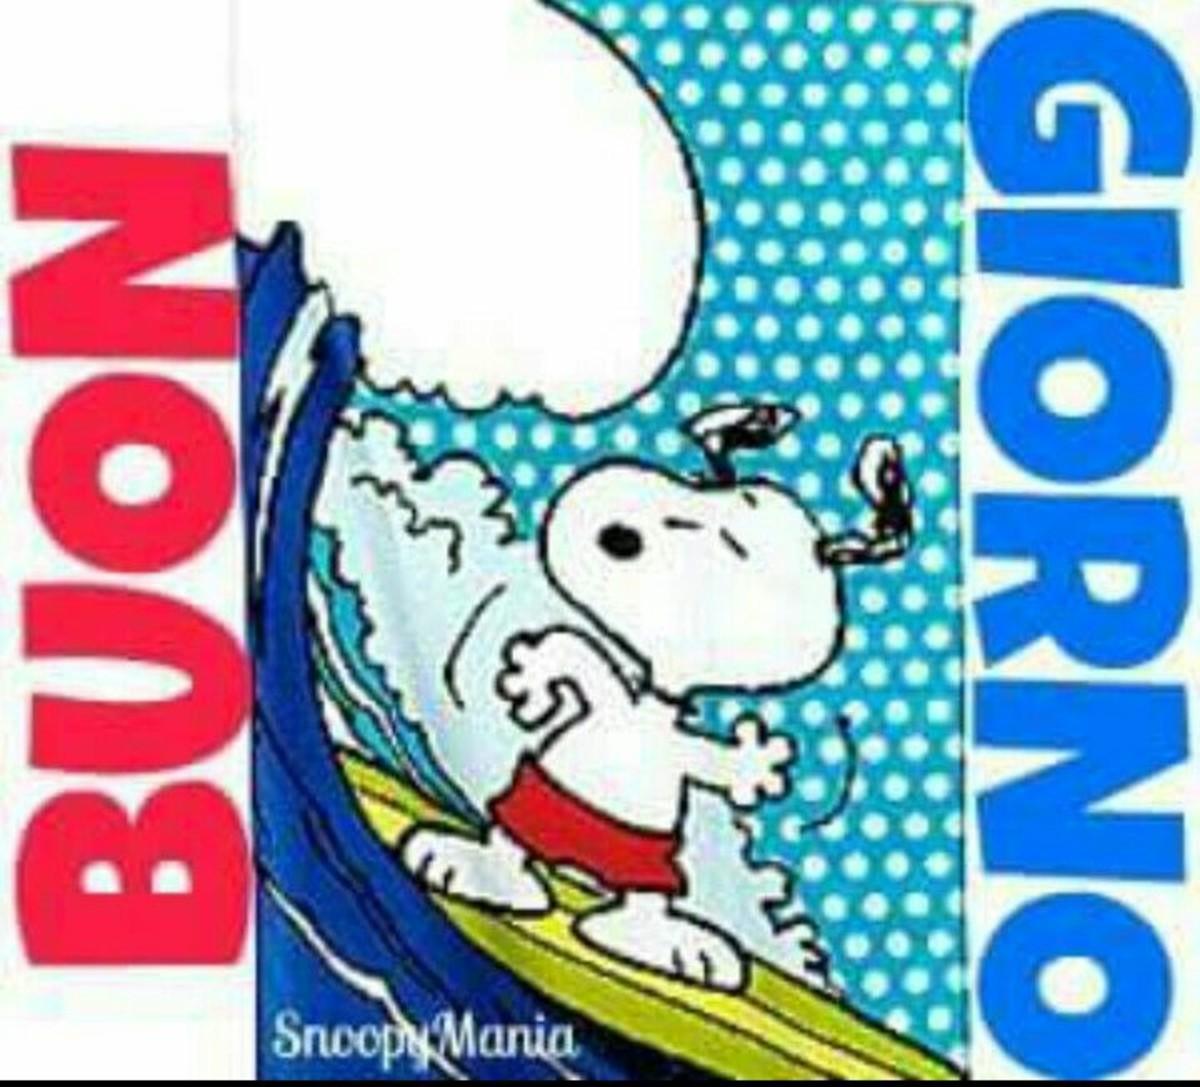 Immagini belle Buongiorno Snoopy fa caldo